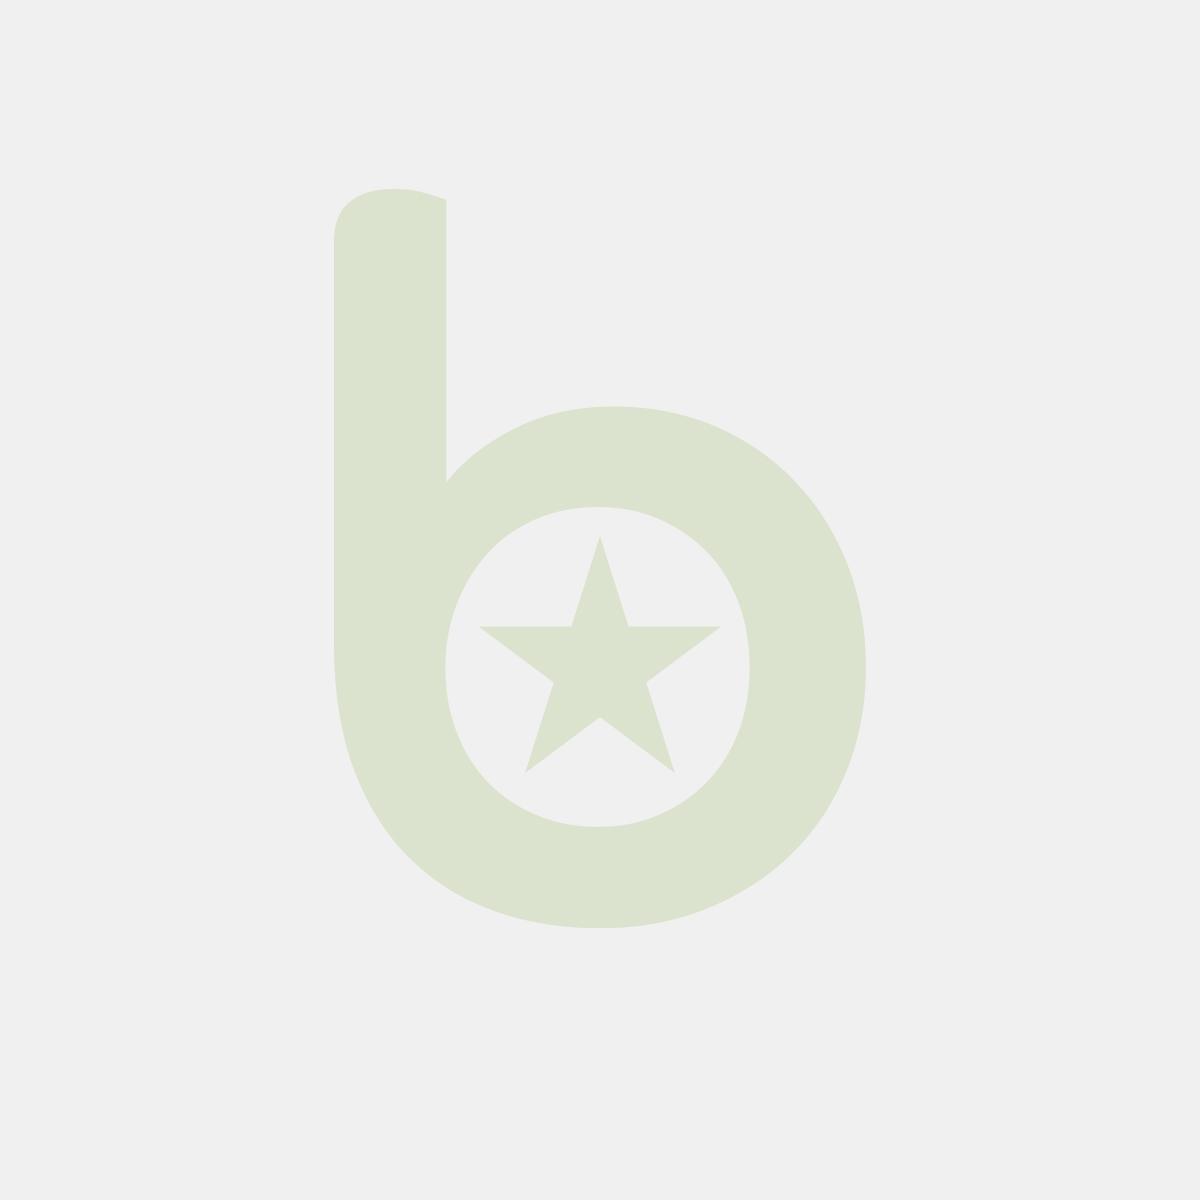 Obcinarka do folii UNIWERSAL do folii PE/PVC/ALU zerokość 30cm